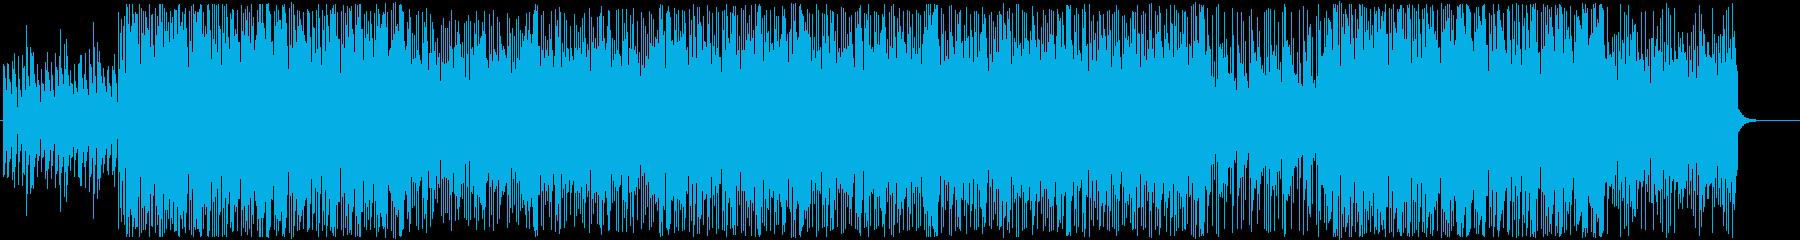 明るく前向きになれる♫ブラスポップの再生済みの波形